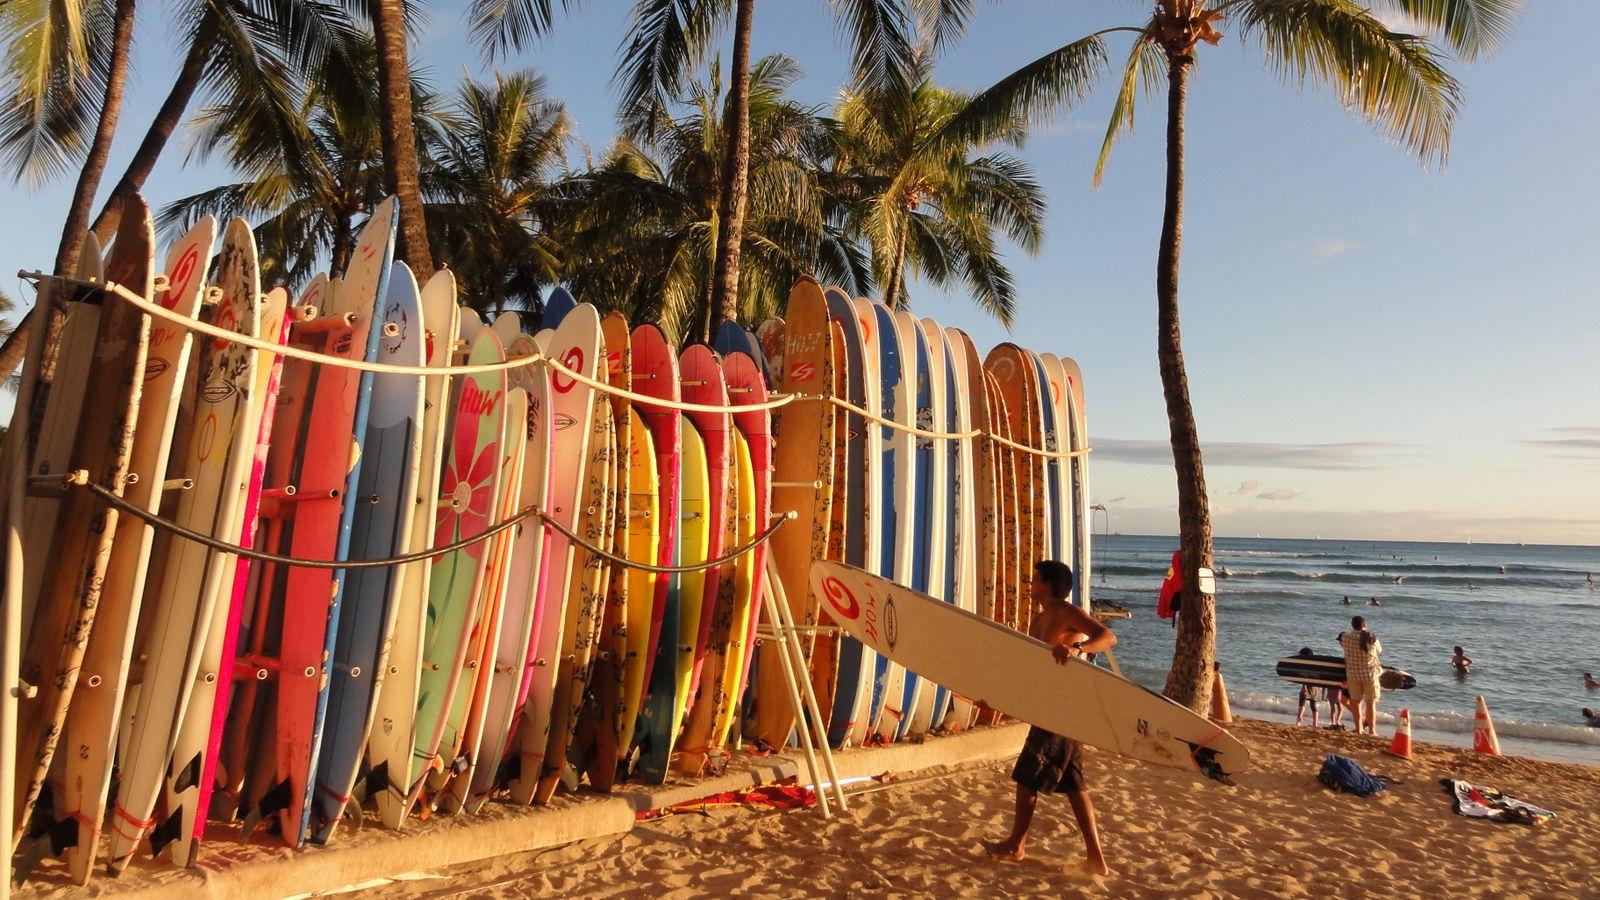 Surfing in Puerto Viejo